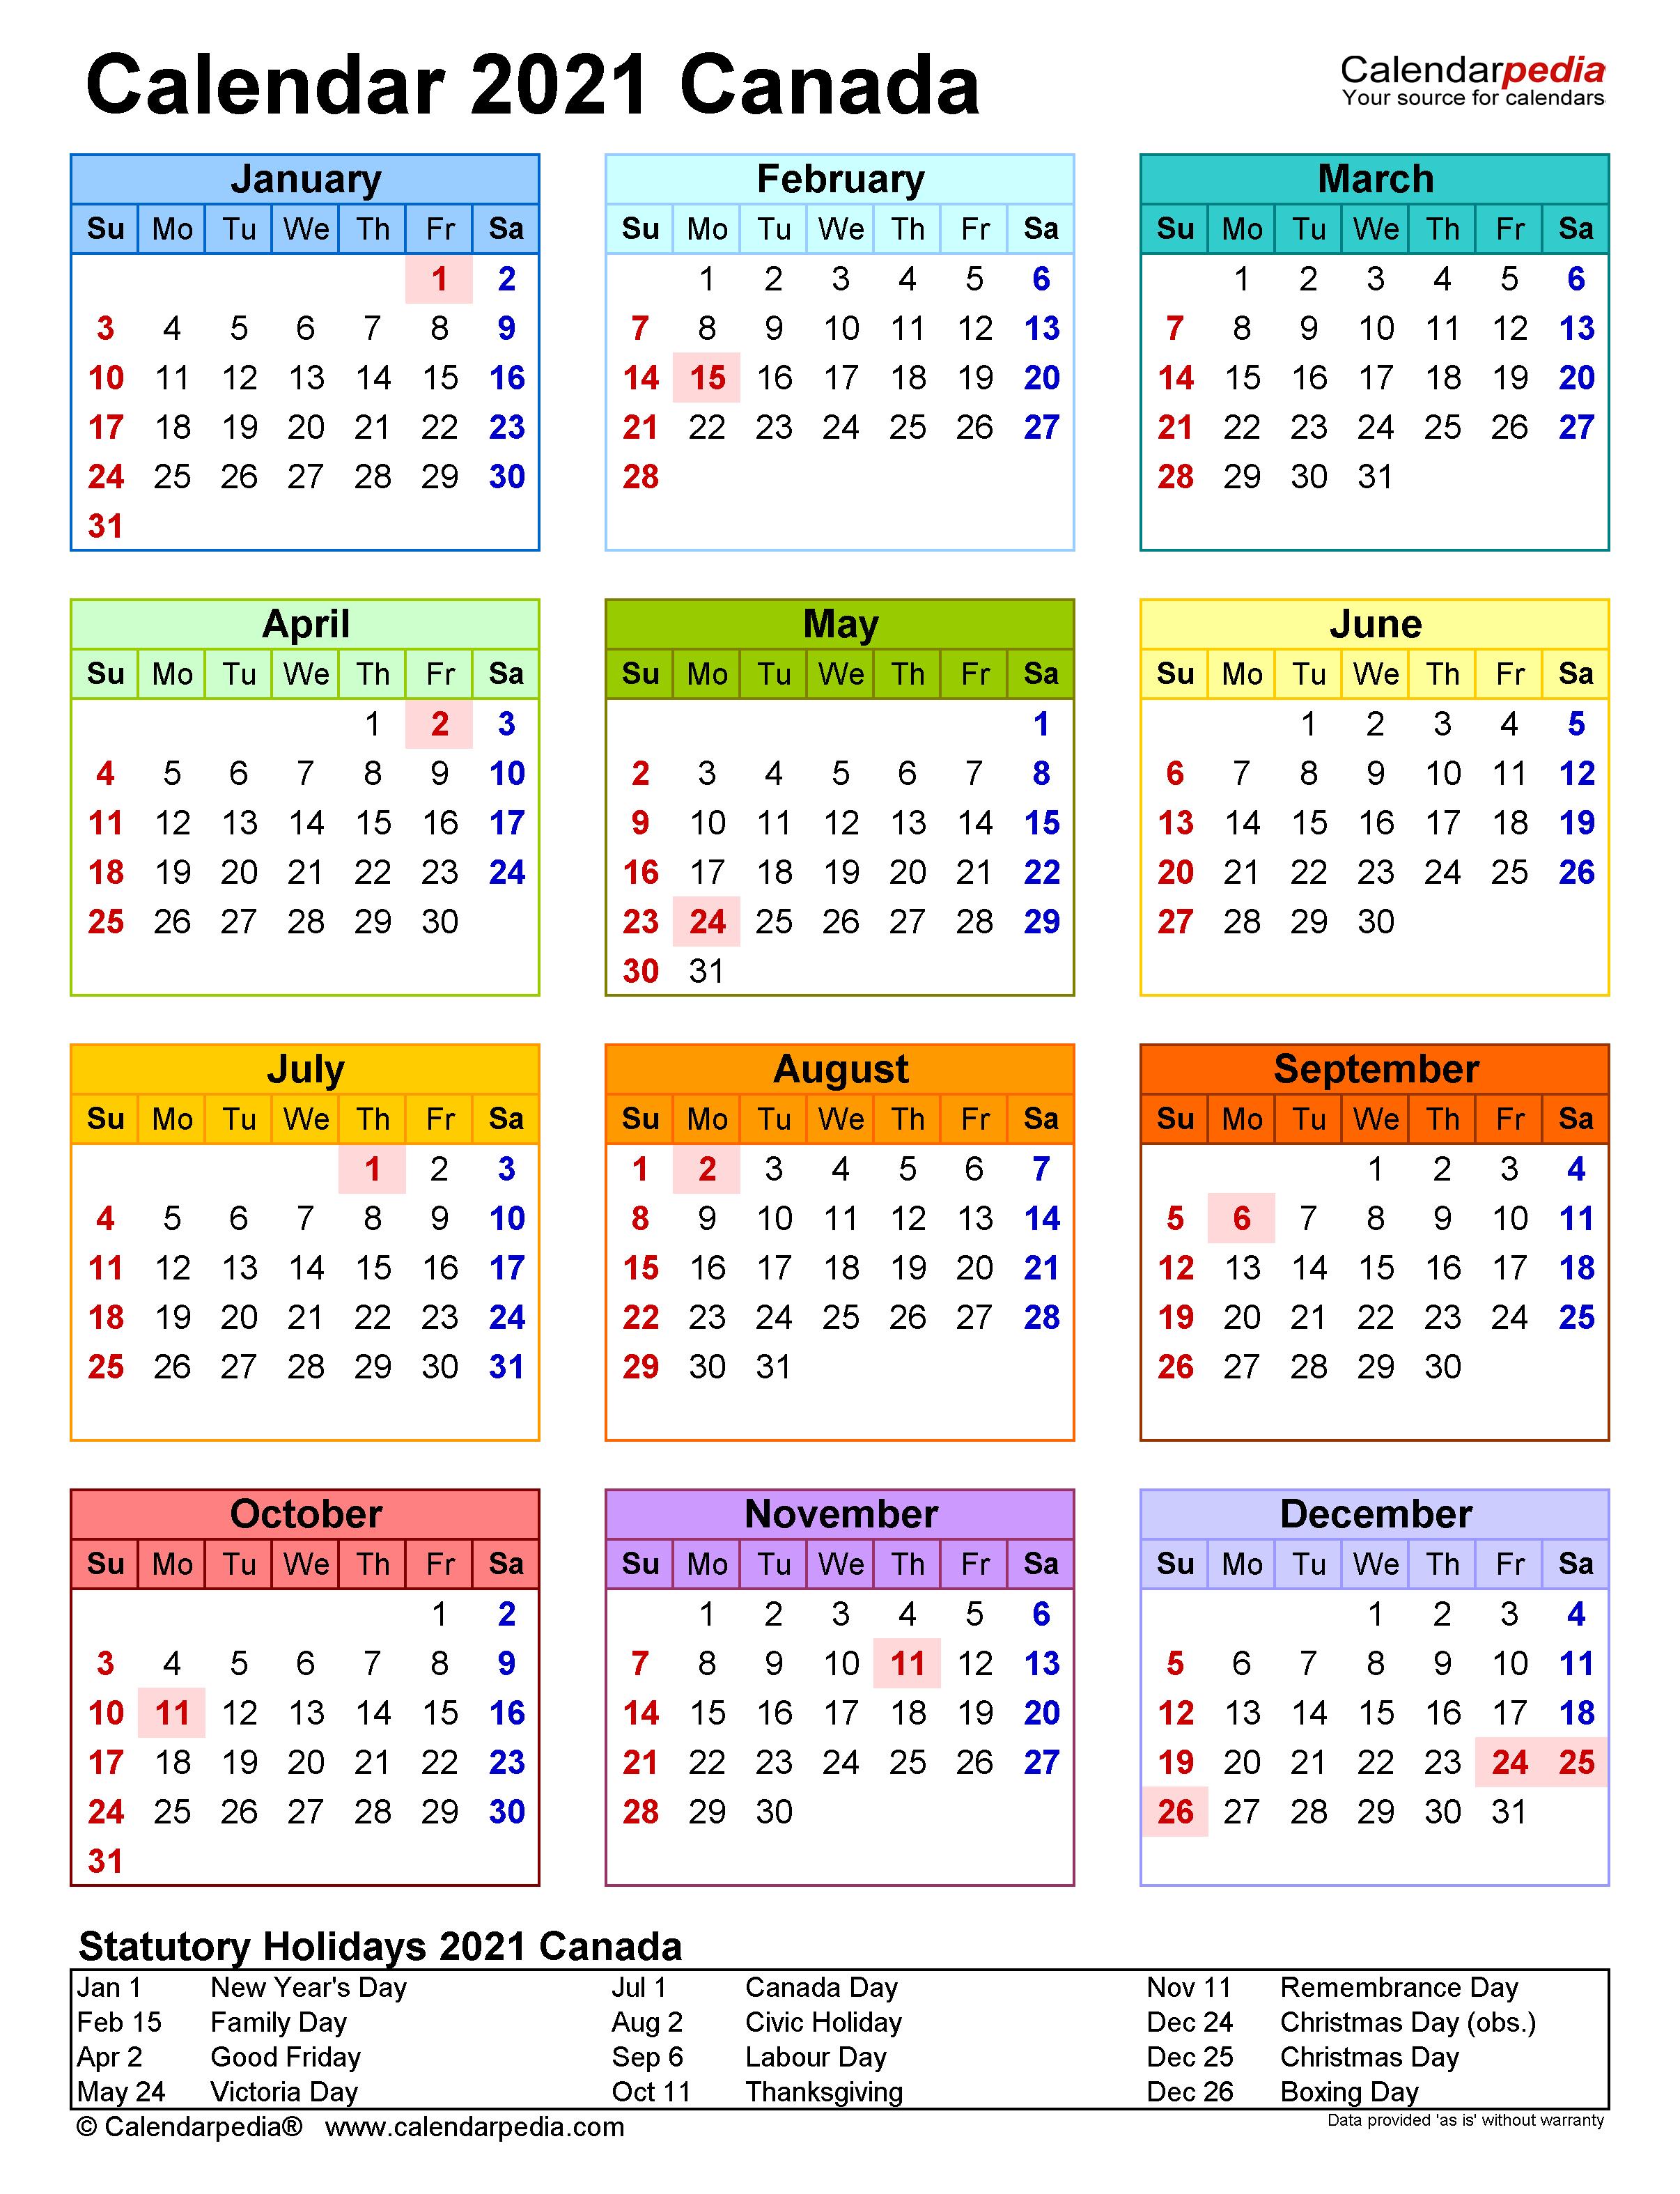 Calendar 2021 Canada Calendarpedia